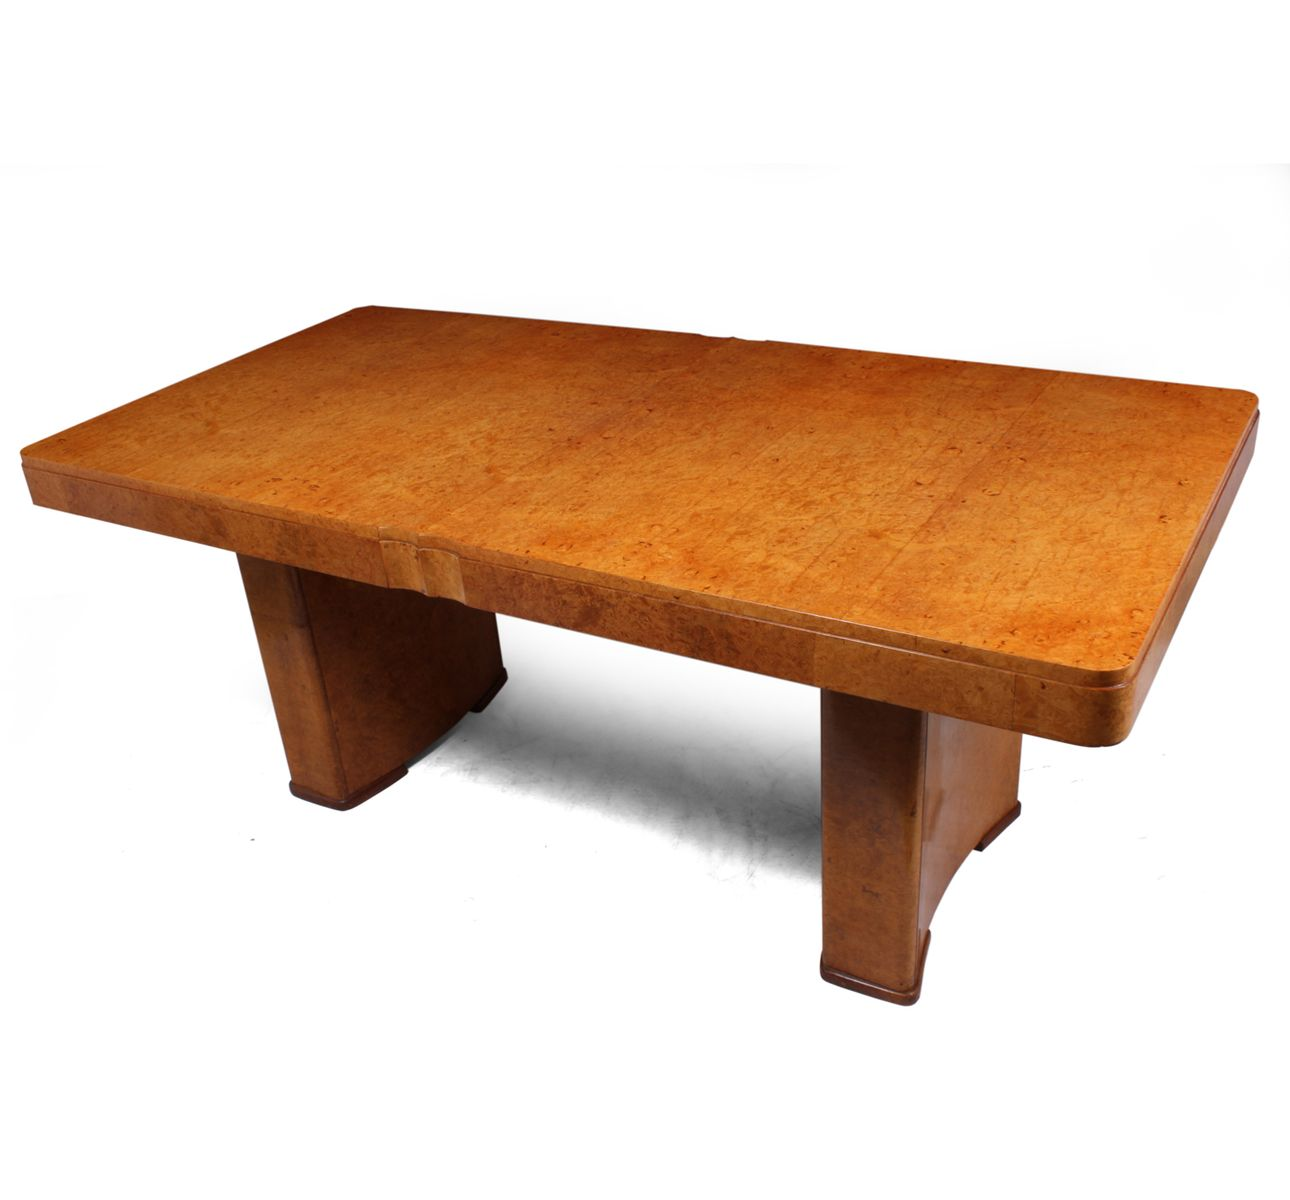 Table de salle manger art d co en broussin d 39 rable 1930s en vente sur pamono - Deco sur table salle a manger ...